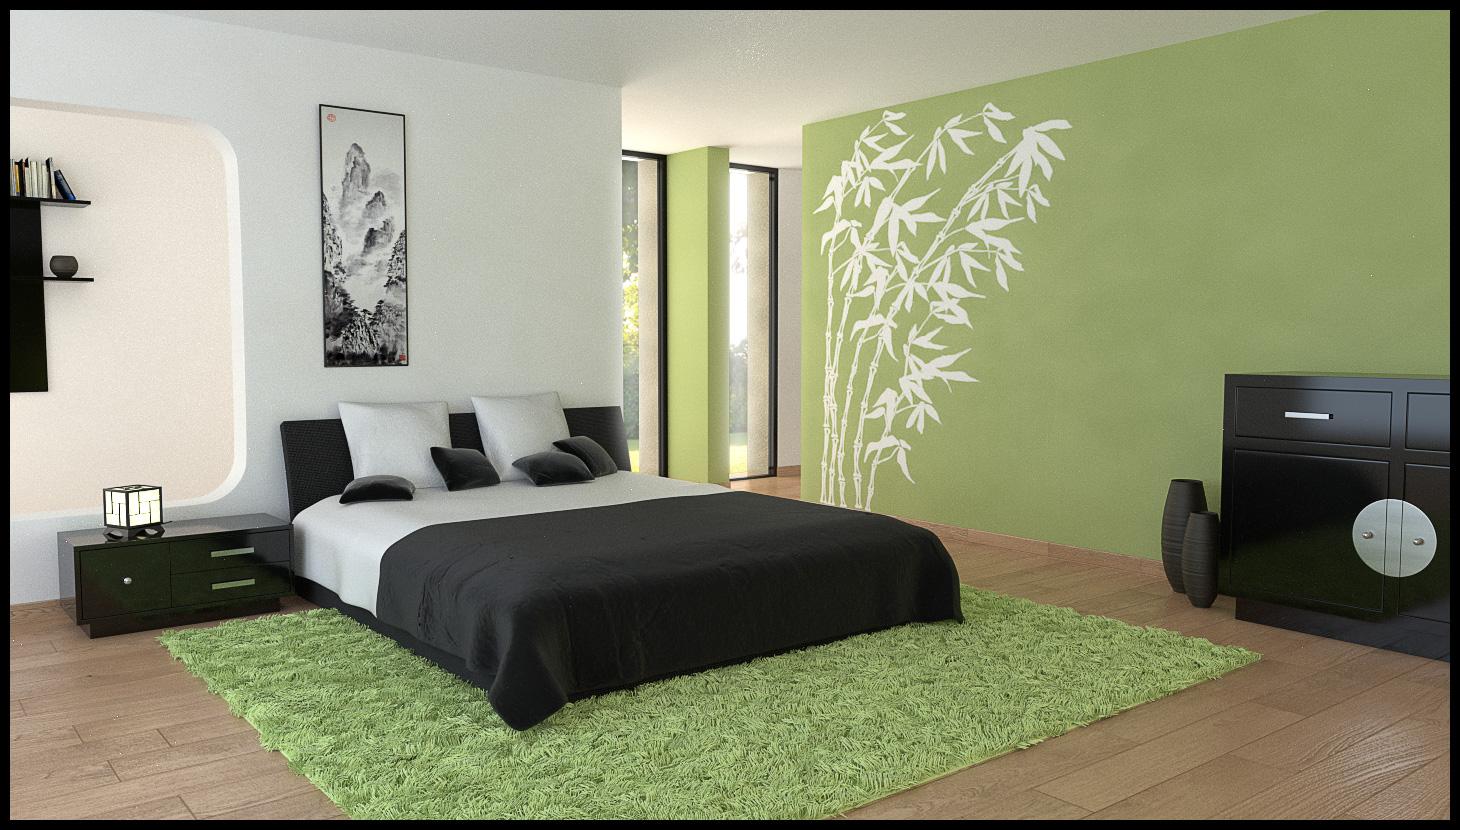 Quelle plante pour une chambre quelles plantes pour une - Quelle plante pour une chambre ...